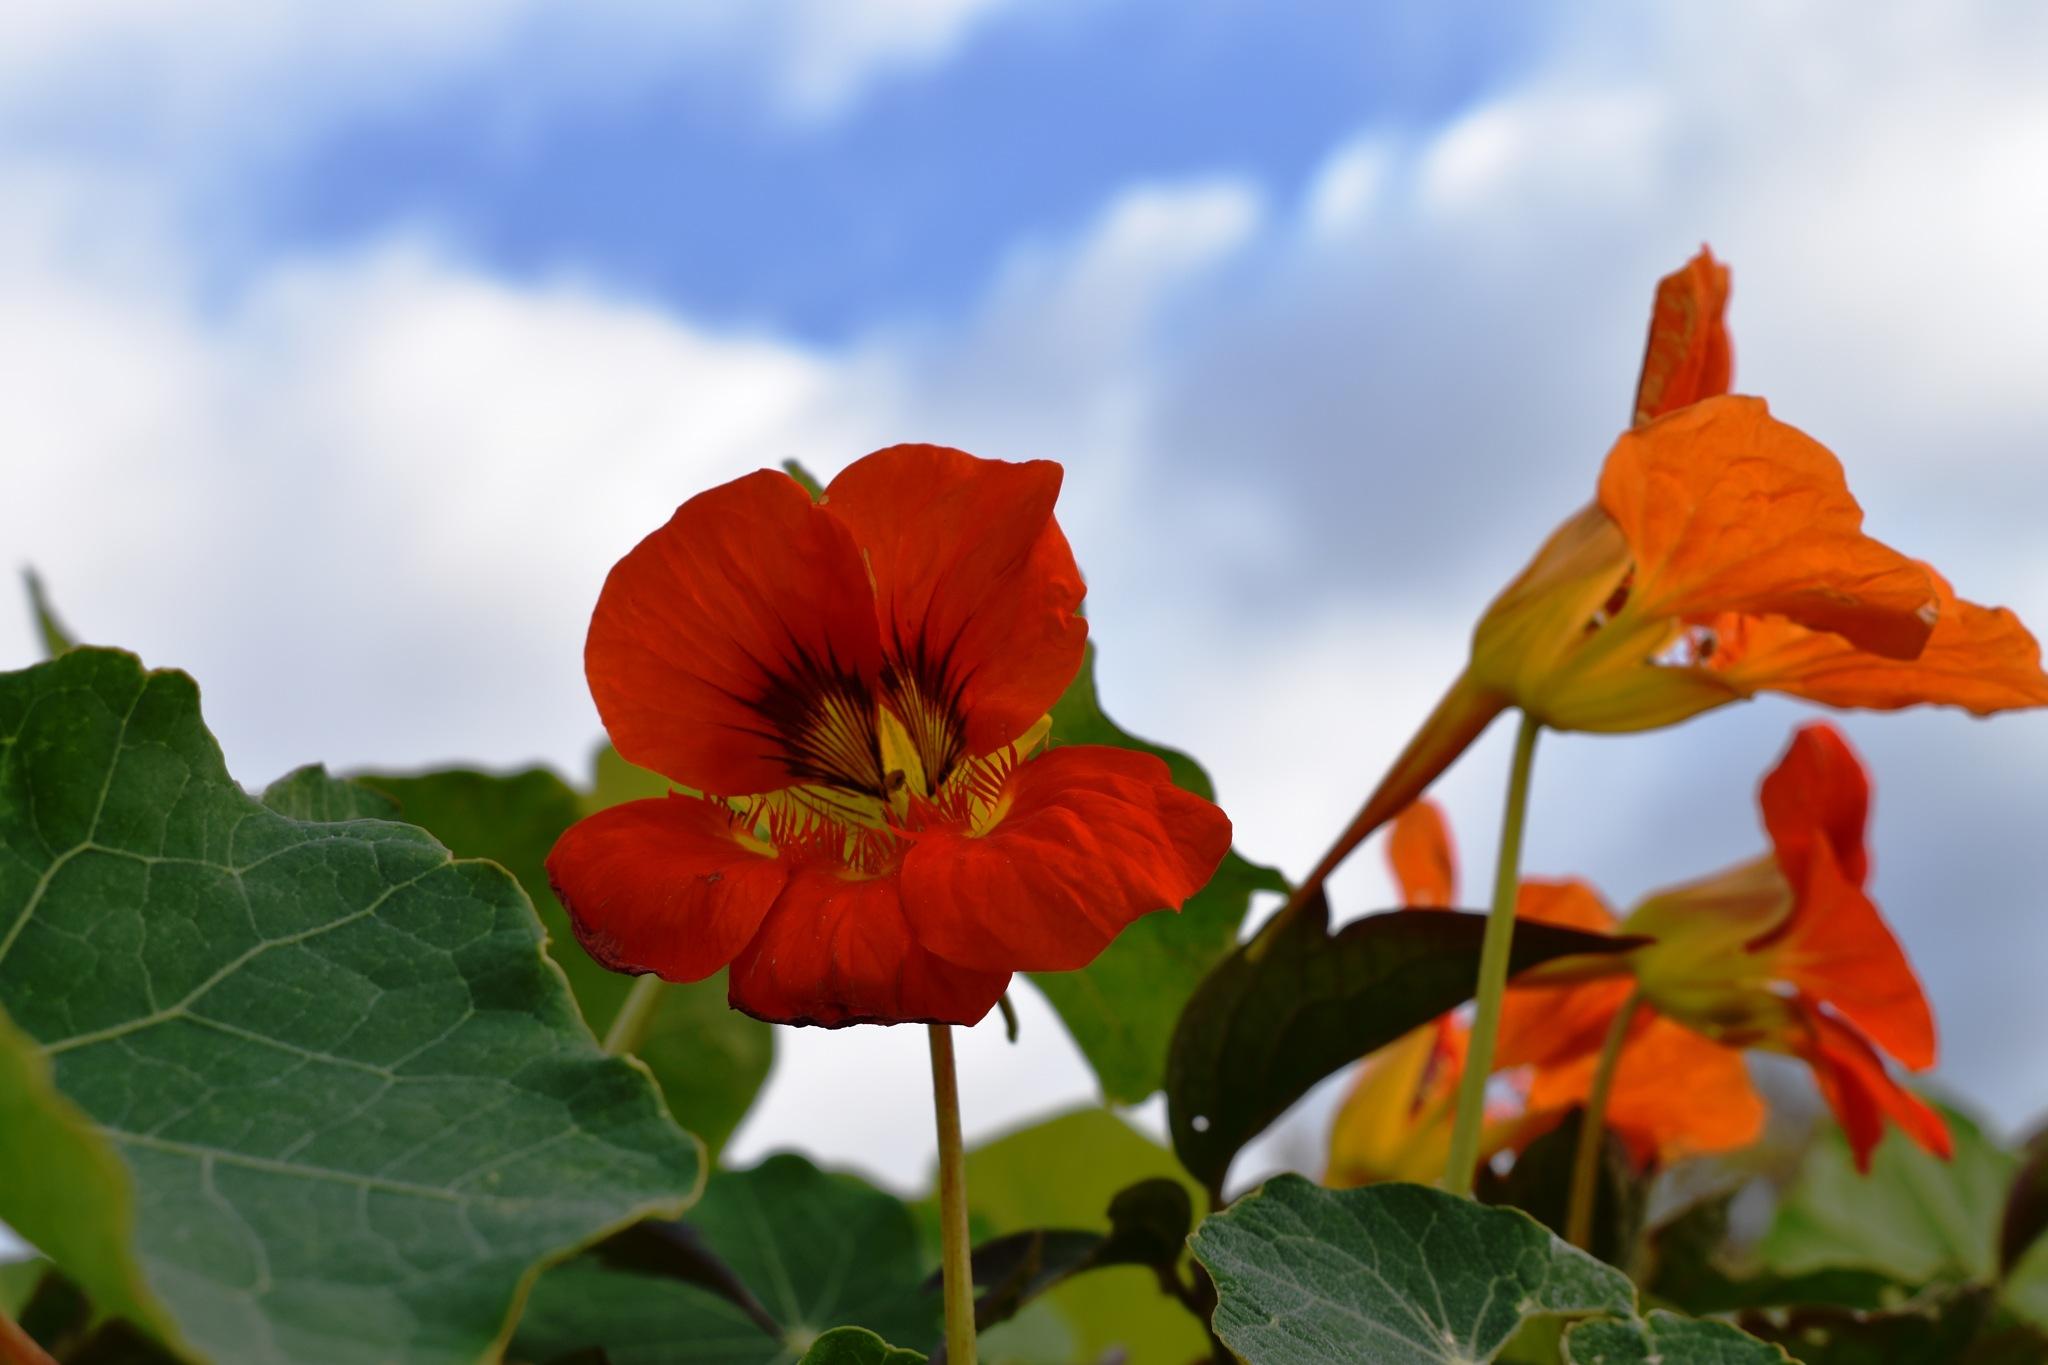 Nasturtium flower by Stephen Ashdown